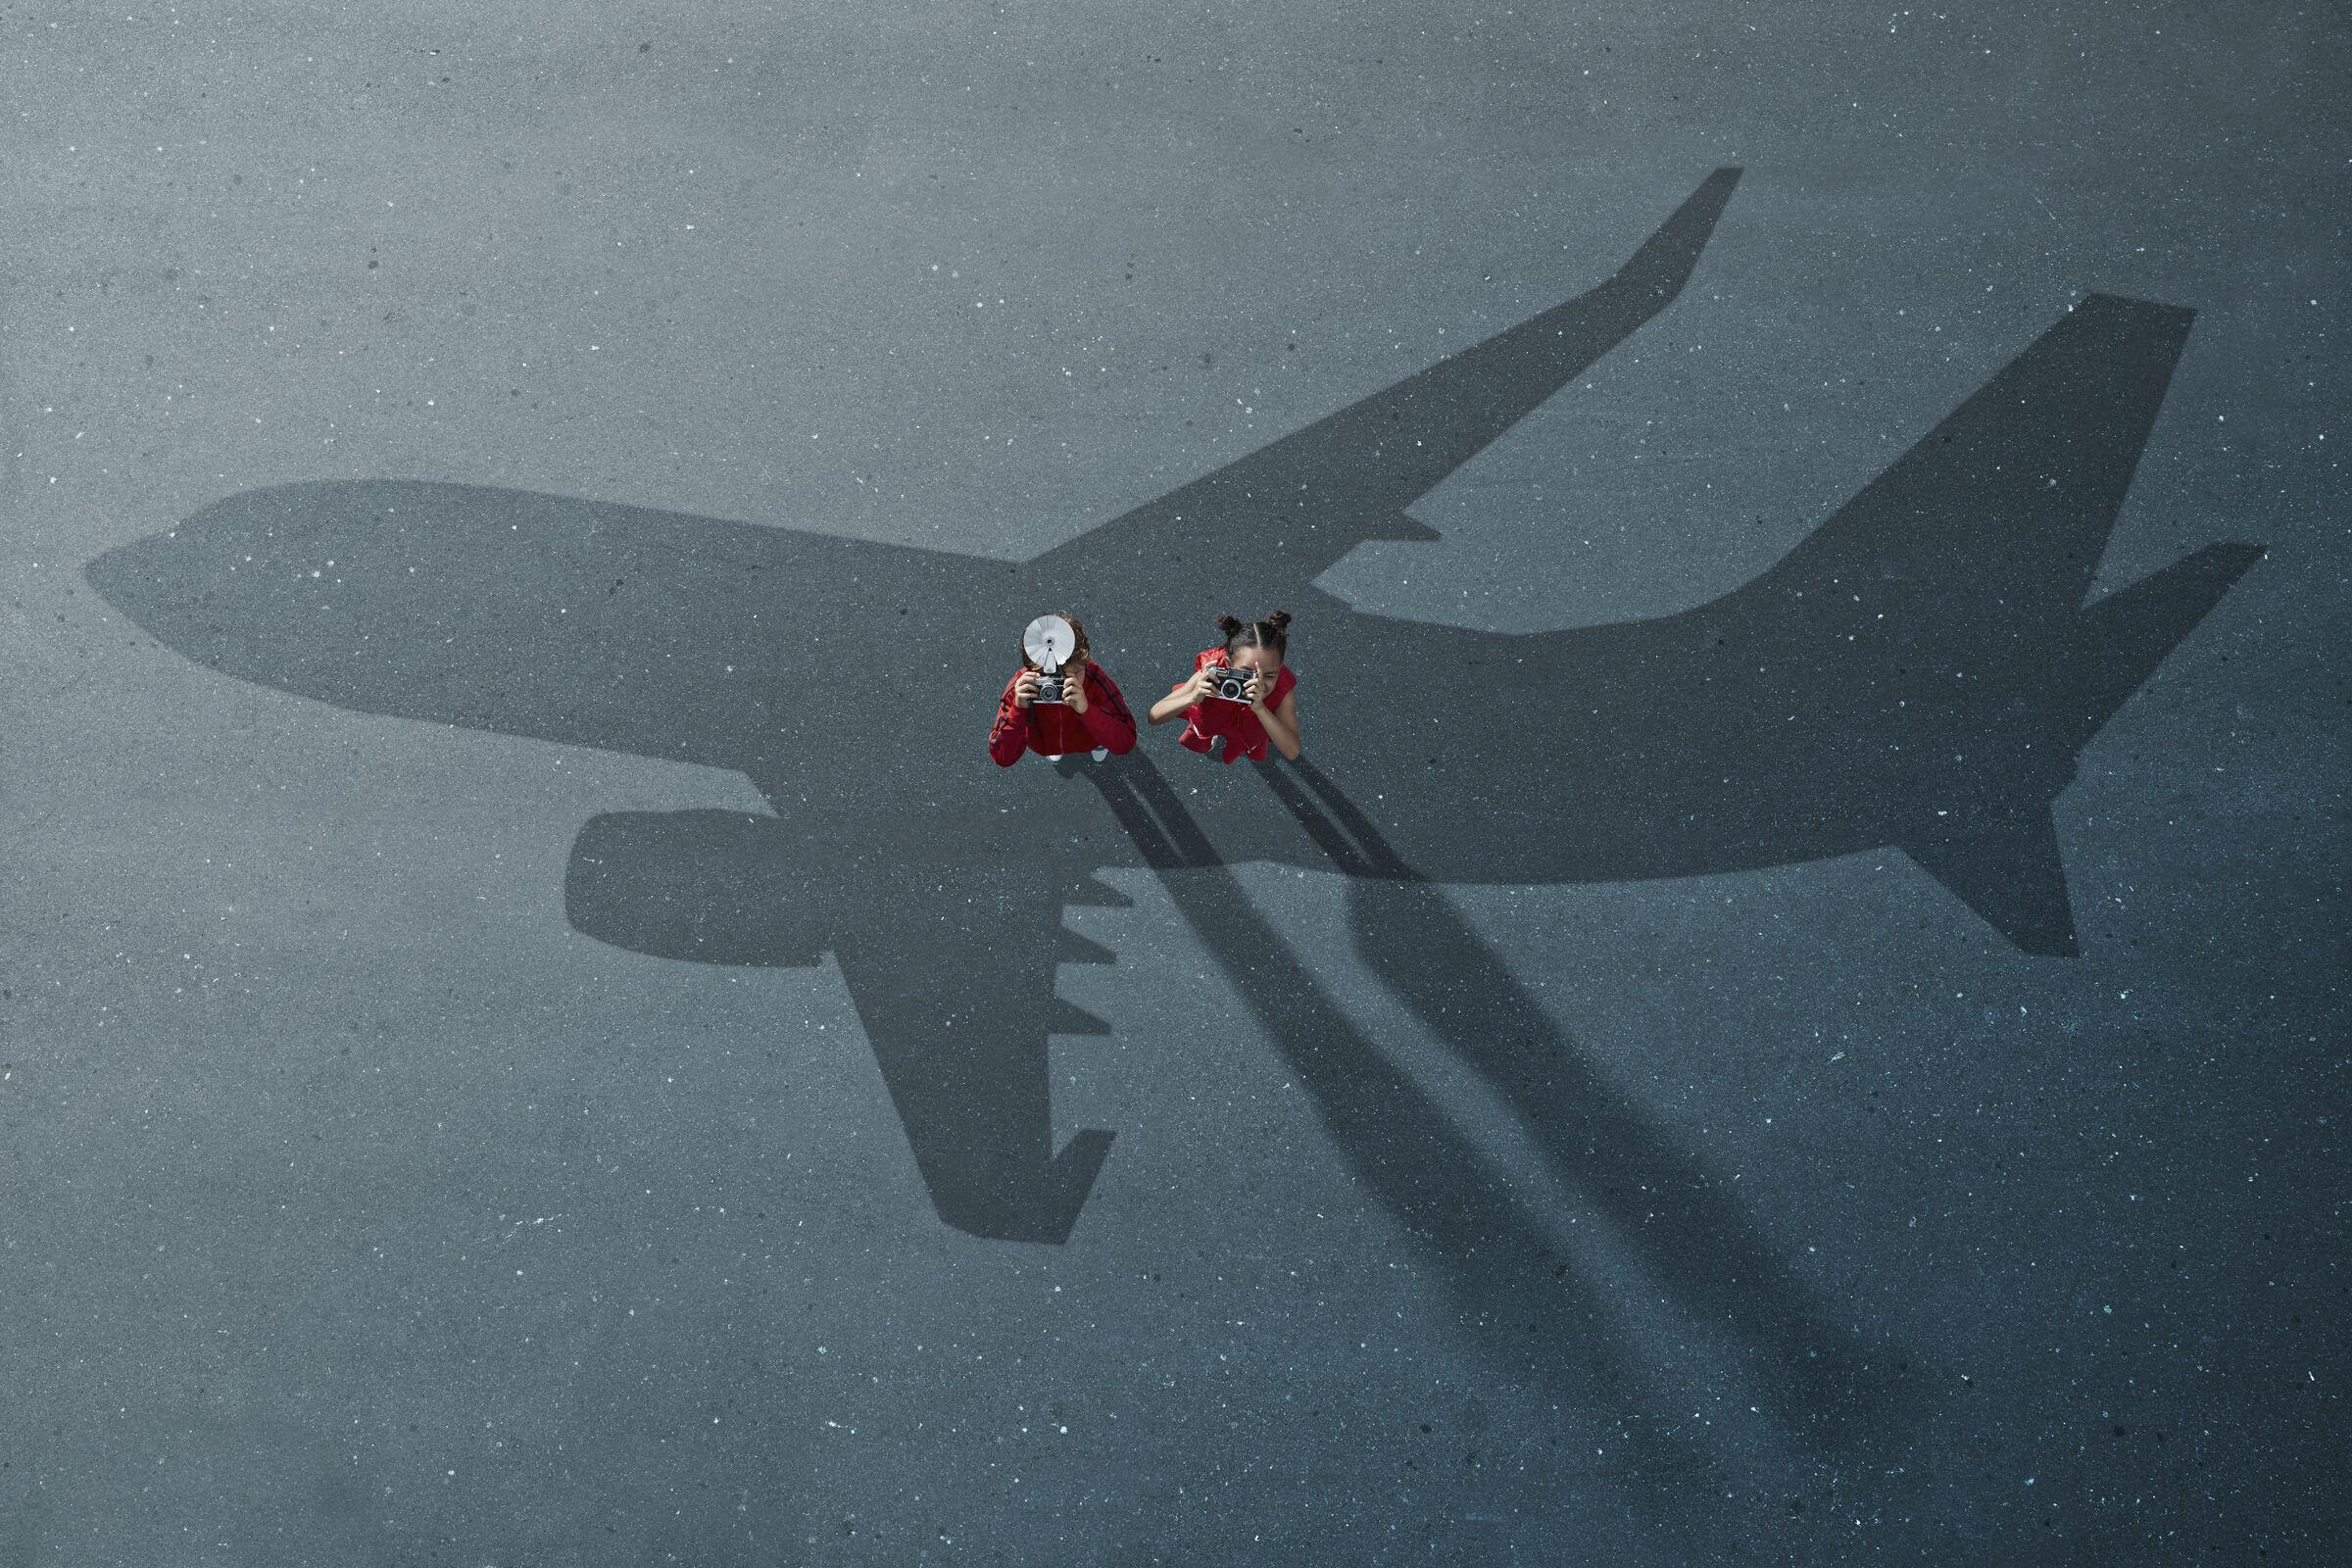 Crianças-fotogrando-reflexo-do-aviao